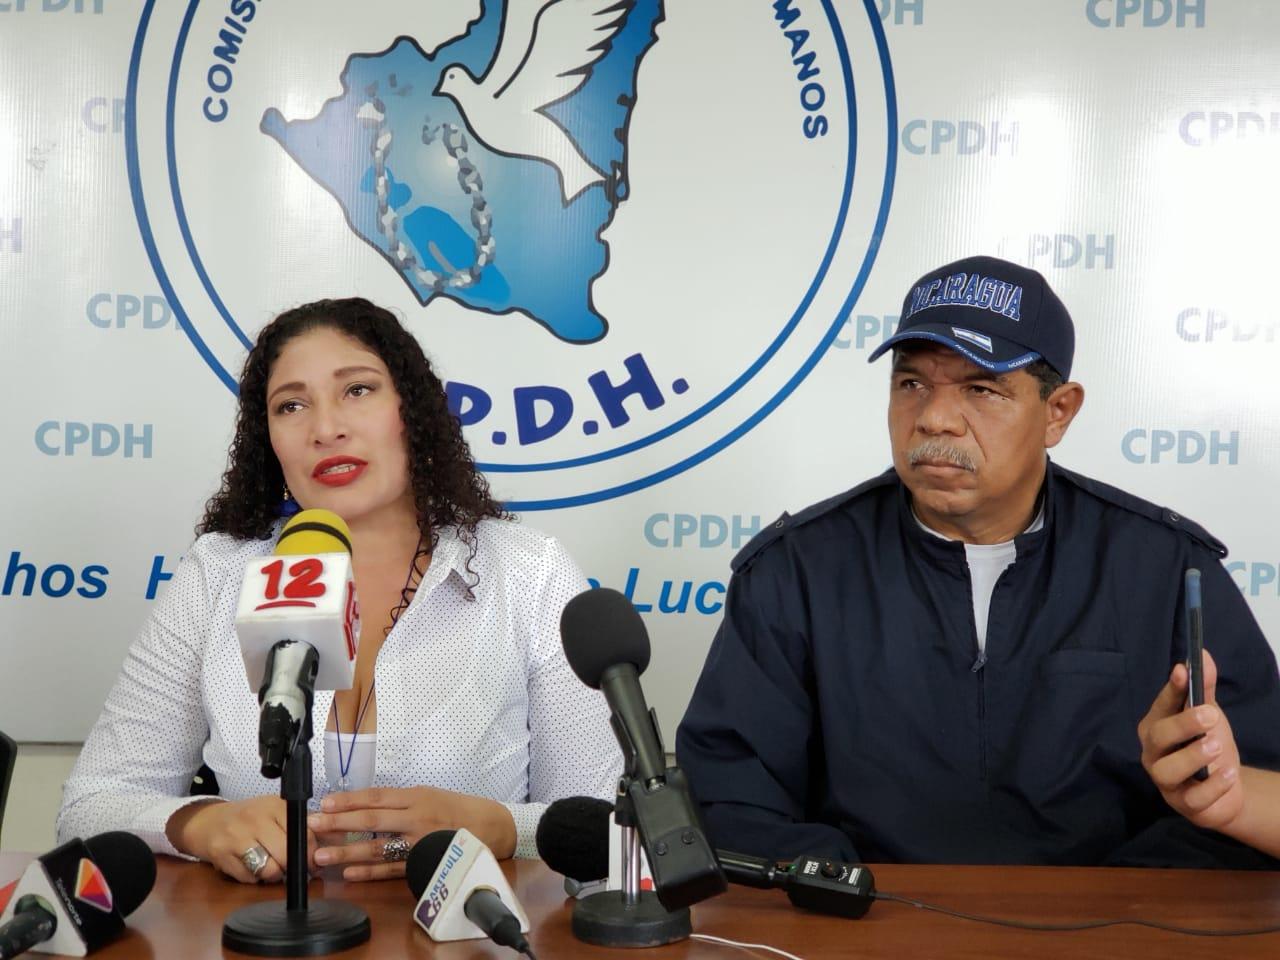 Policía asedia al líder campesino y excarcelado político Freddy Navas. Foto: Geovanny Shiffman/Artículo 66